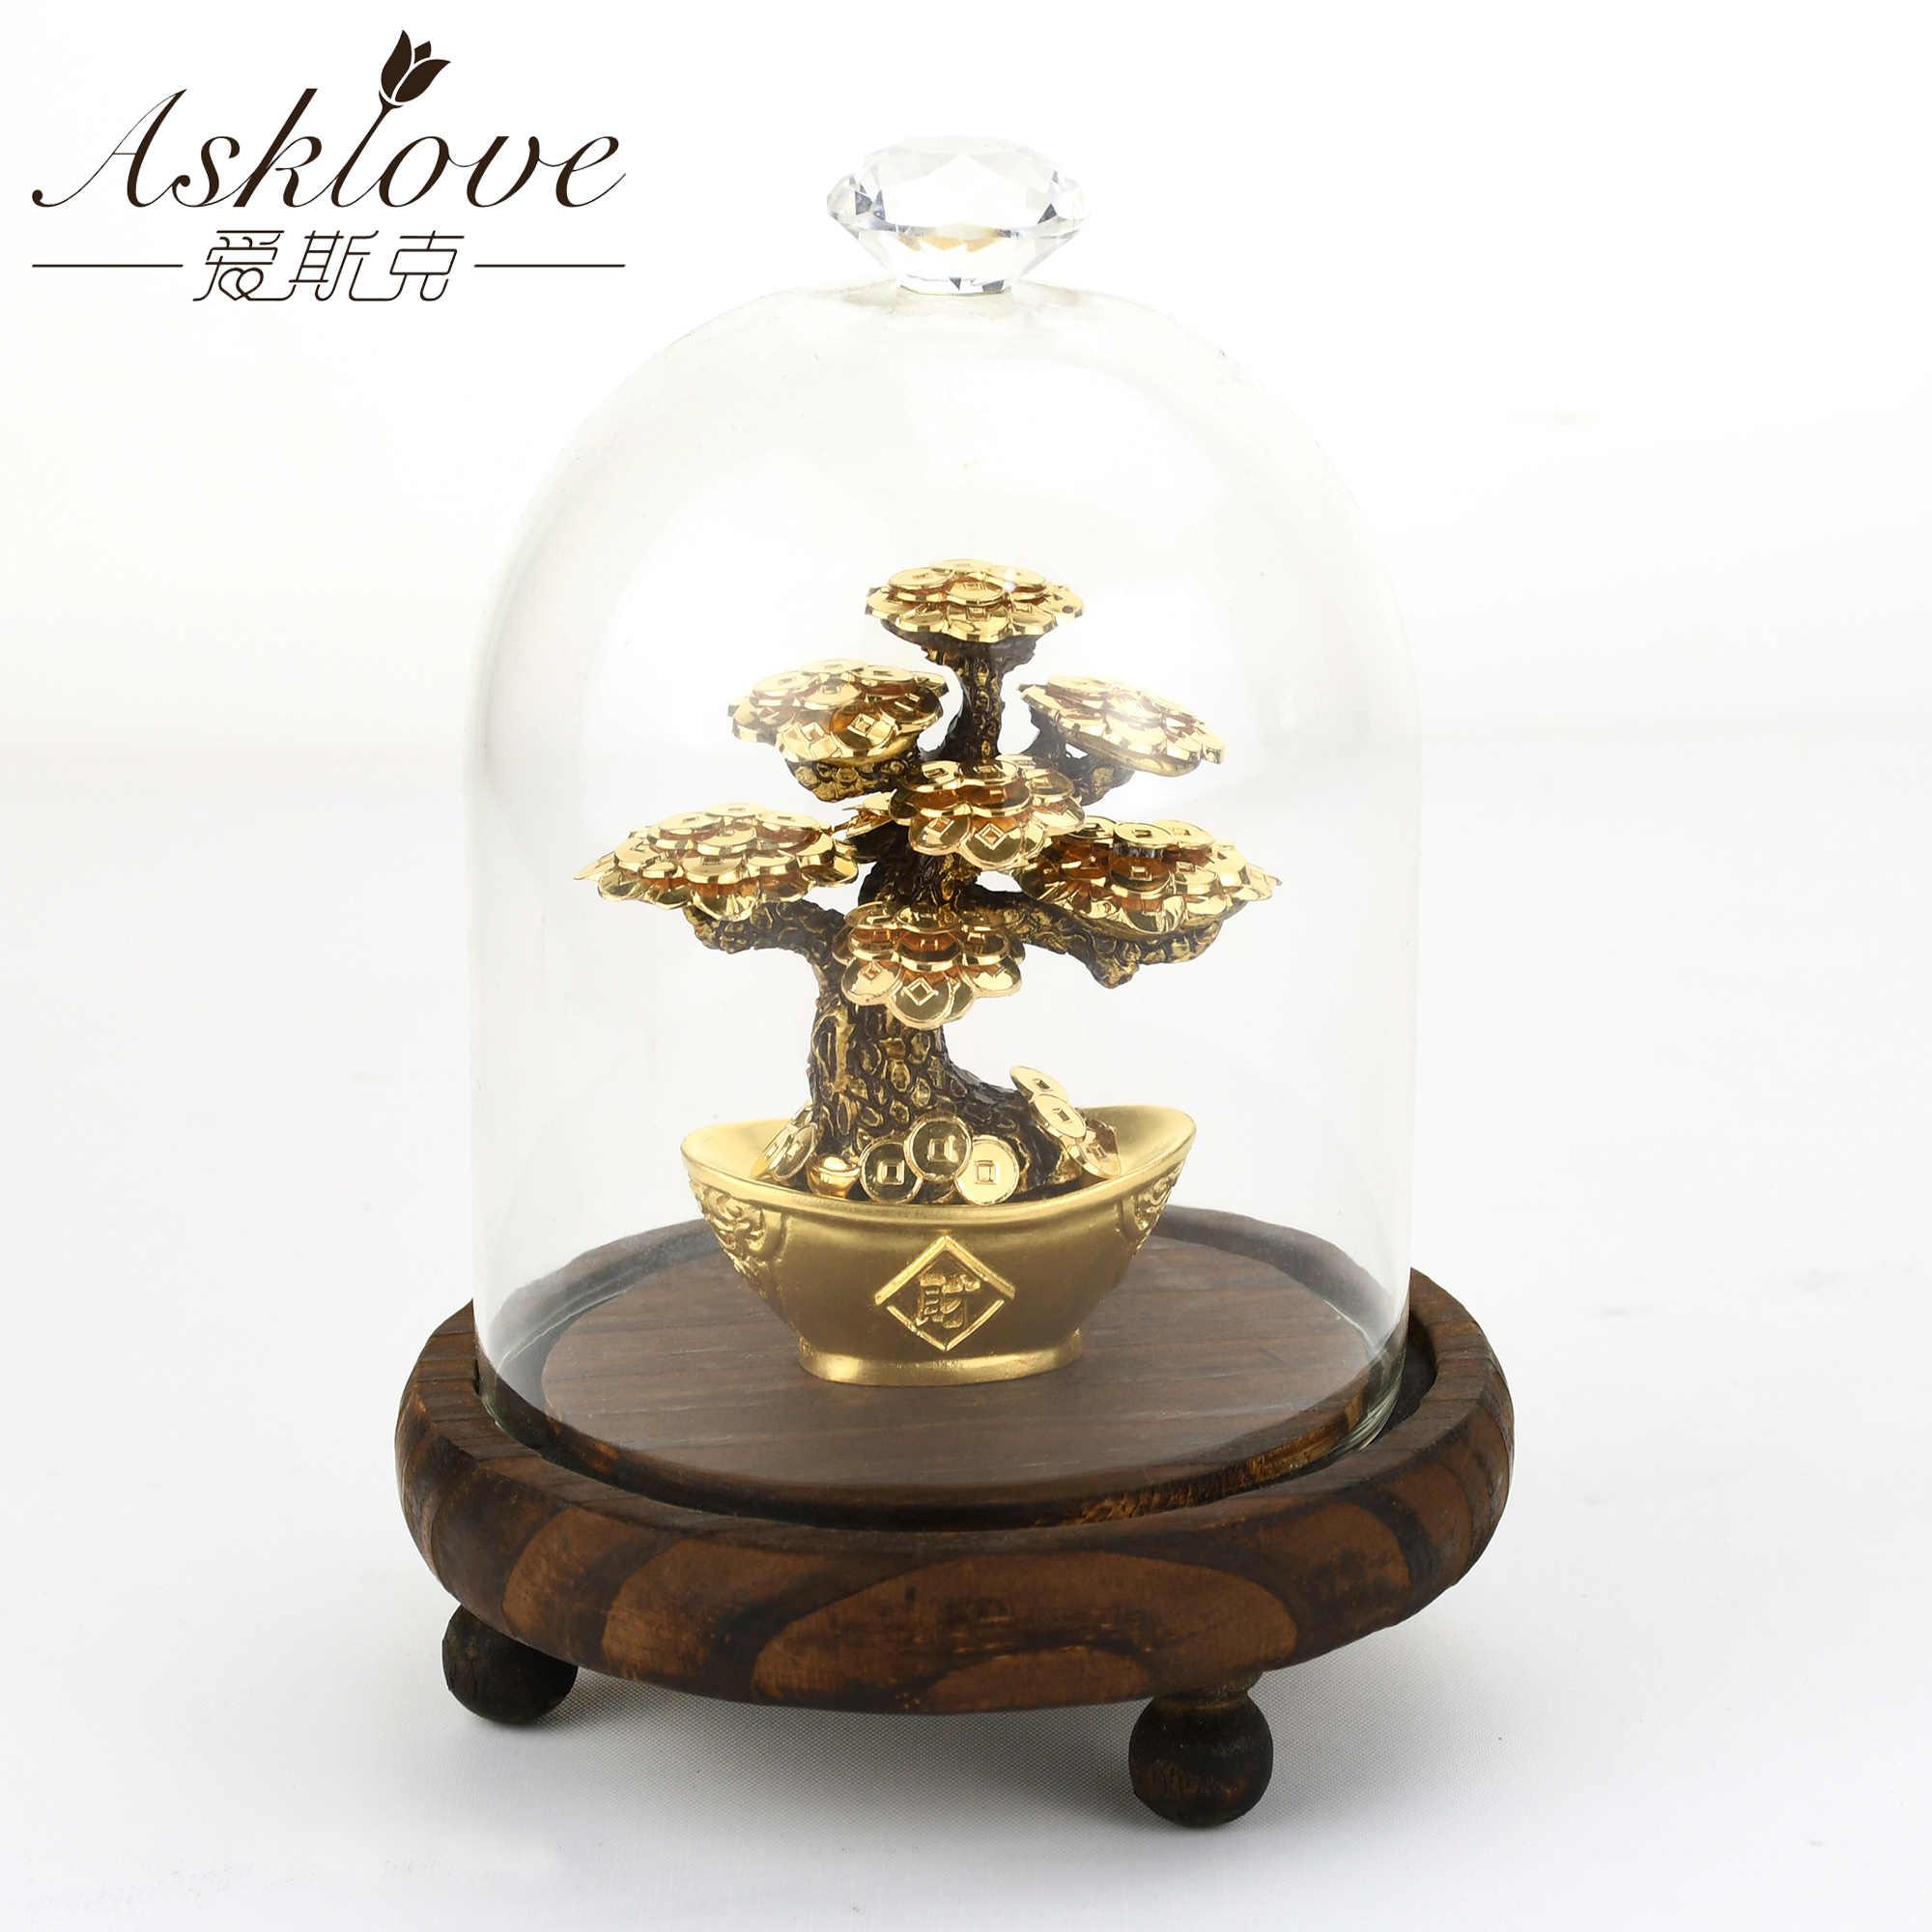 24K Goud Folie Geld Boom Feng Shui Bonsai Kunstmatige Plant Ornament Fortuin Boom Luxe Relatiegeschenken Home Decor Viering